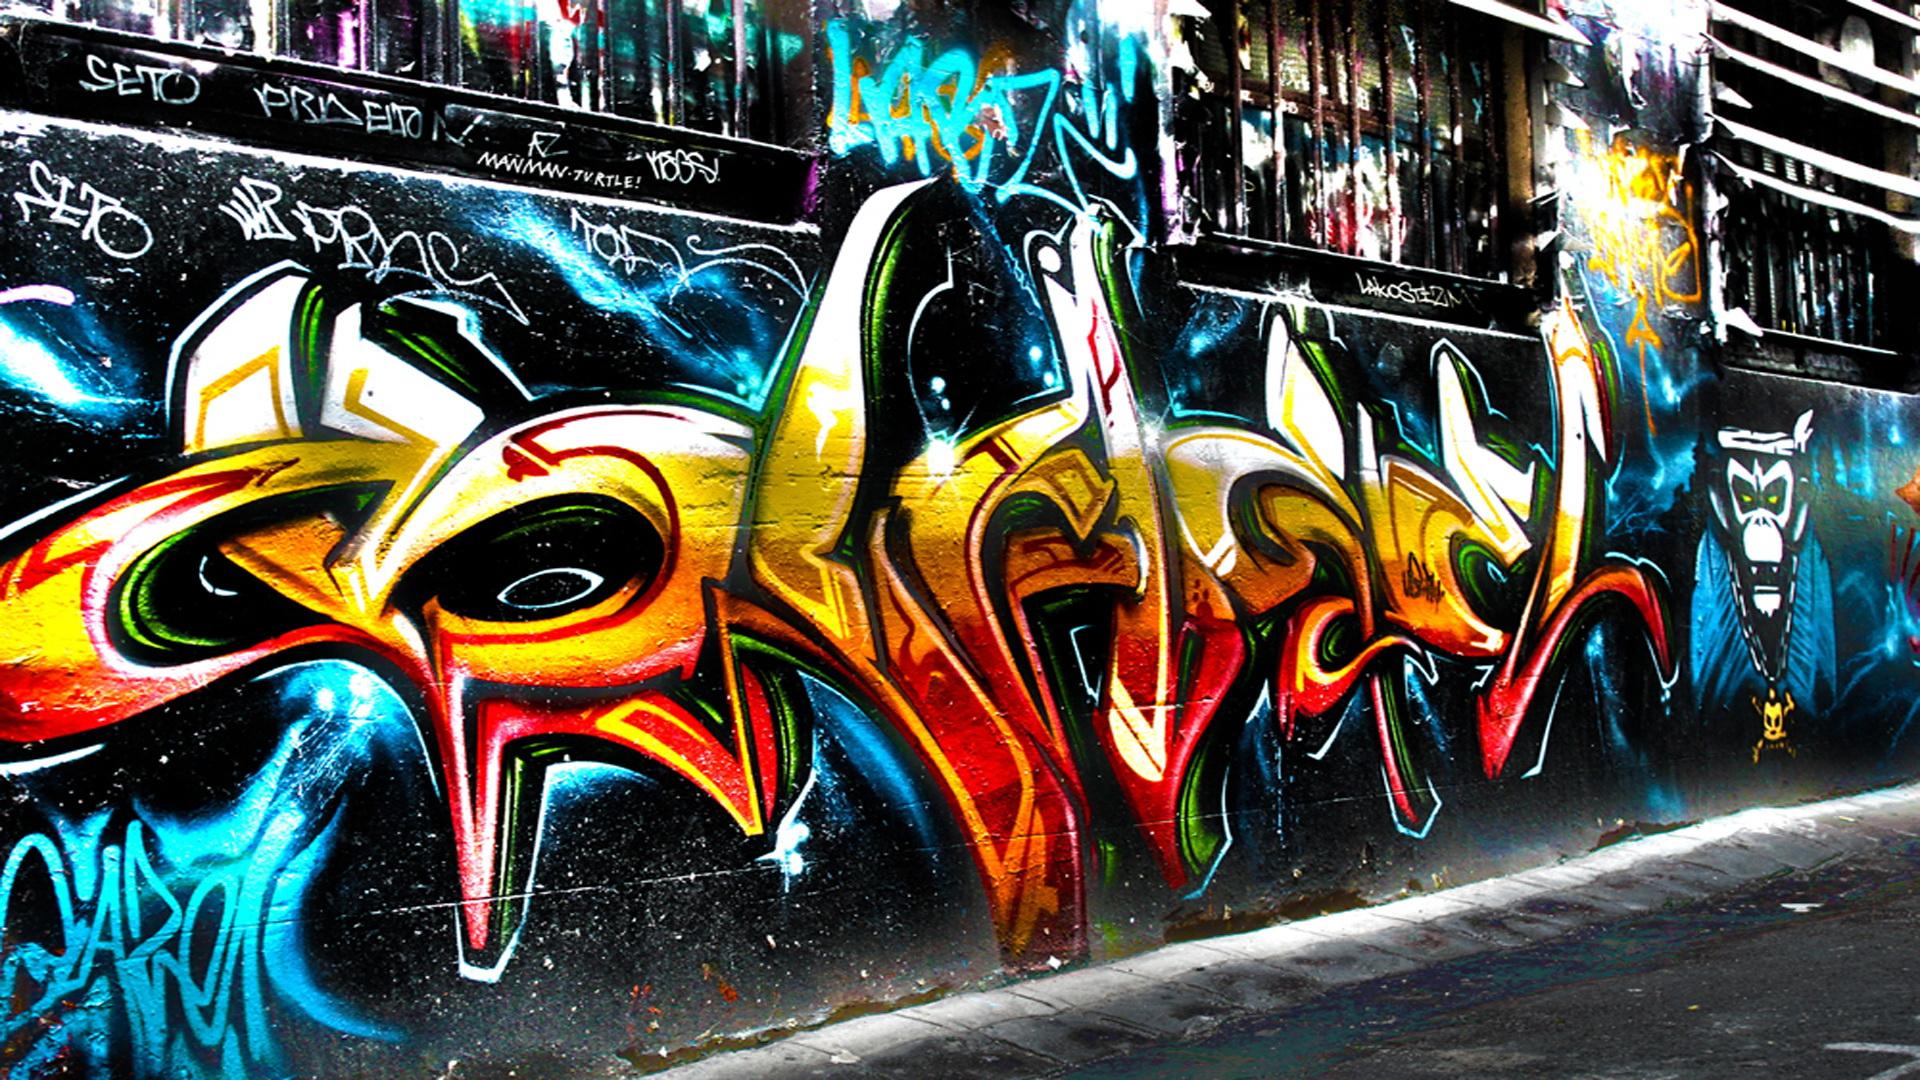 graffiti art wallpaper #20